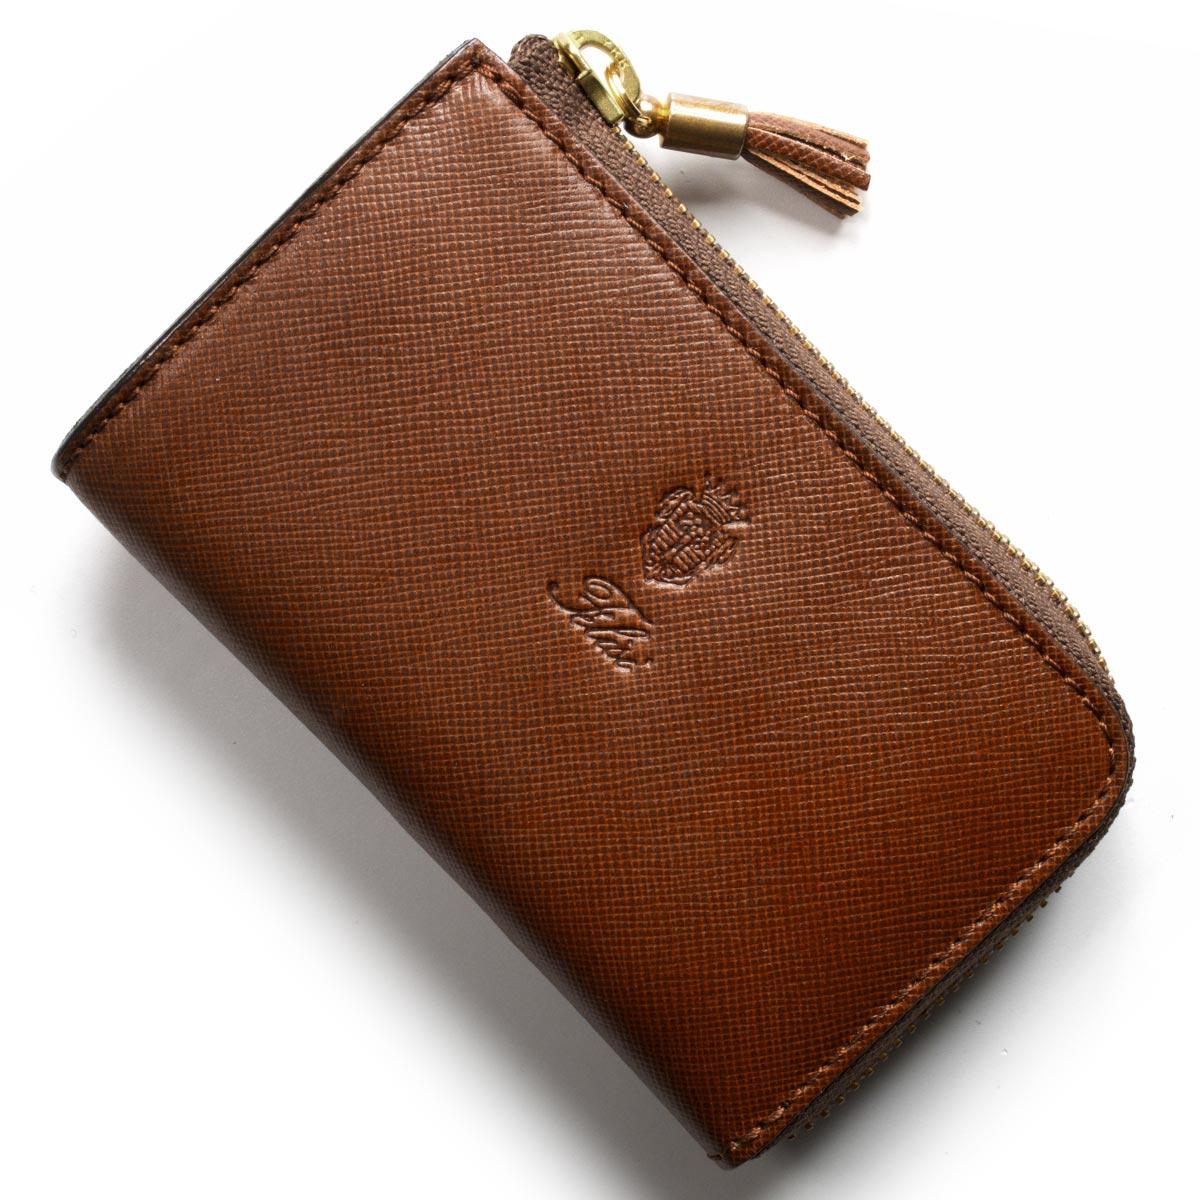 フェリージ コインケース【小銭入れ】 財布 メンズ レディース ミディアムブラウン 9651 SI 0001 FELISI